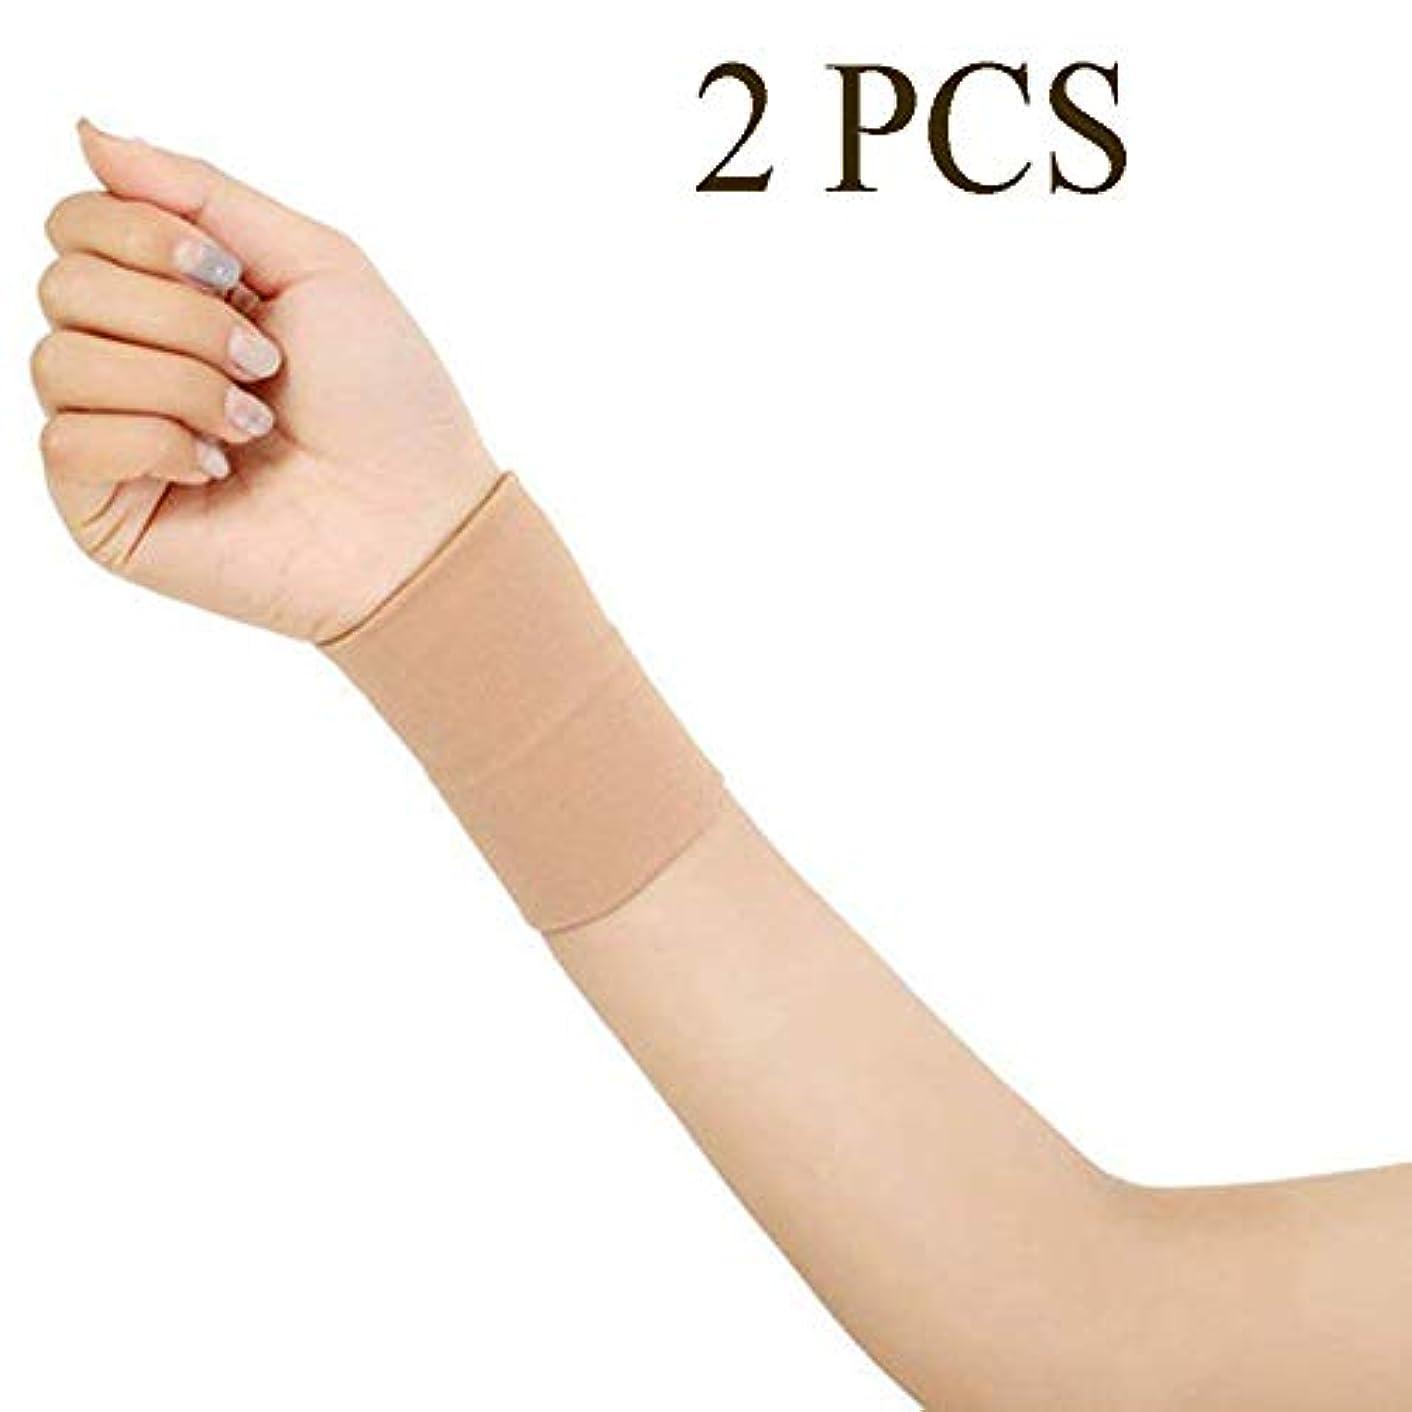 似ているシリアル電気陽性テニスジムスポーツ腱鞘炎関節痛1ペアのための手首のサポート圧縮手首スリーブブレースサポート回復ブレースラップスリーブユニセックス,XL